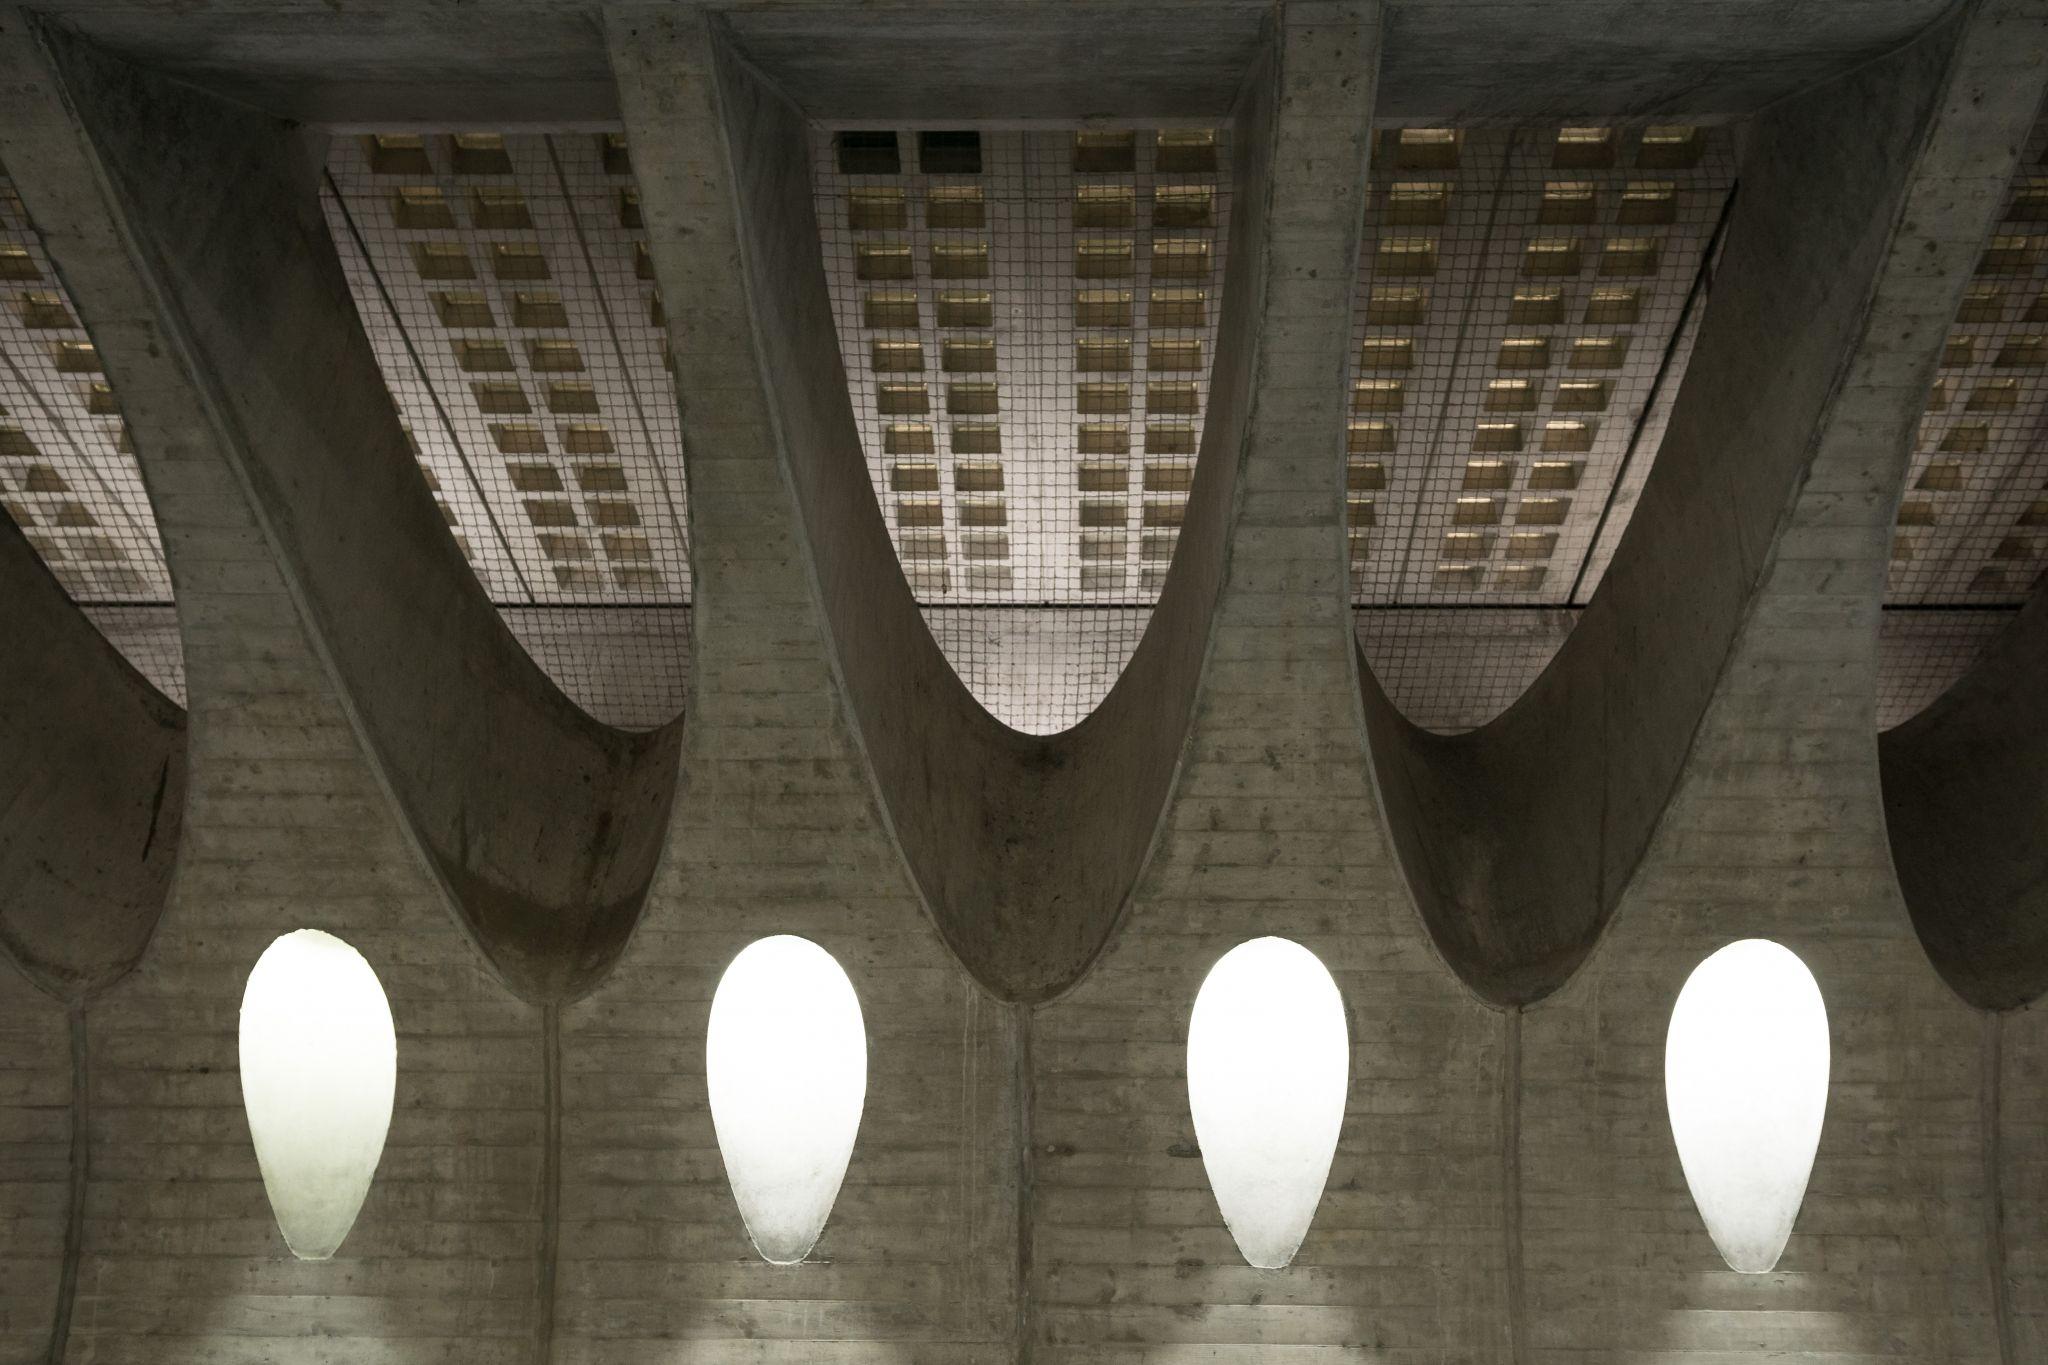 Stadelhofen train station, Switzerland